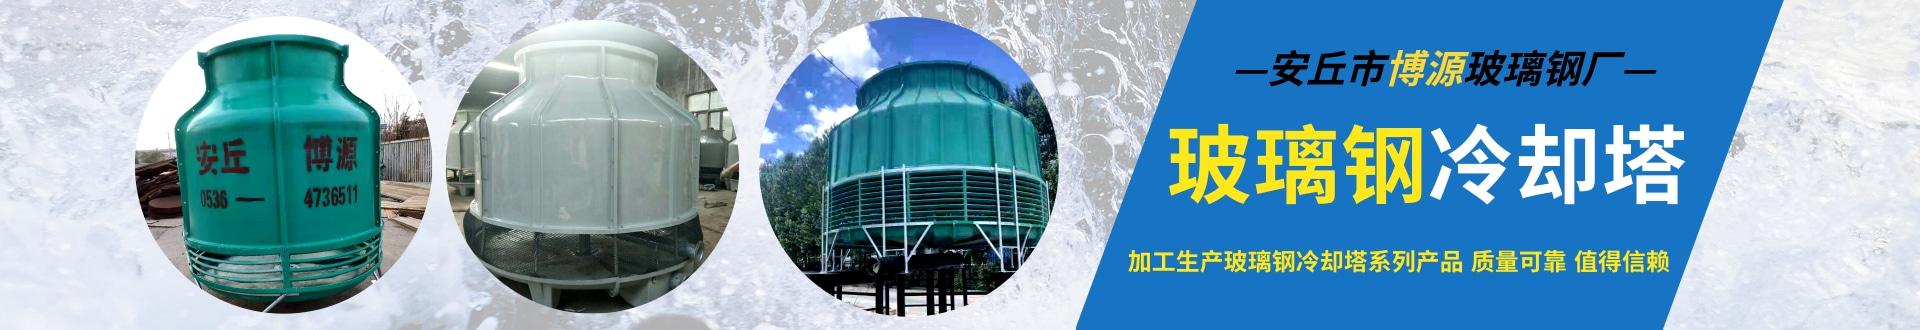 安丘市博源玻璃钢厂